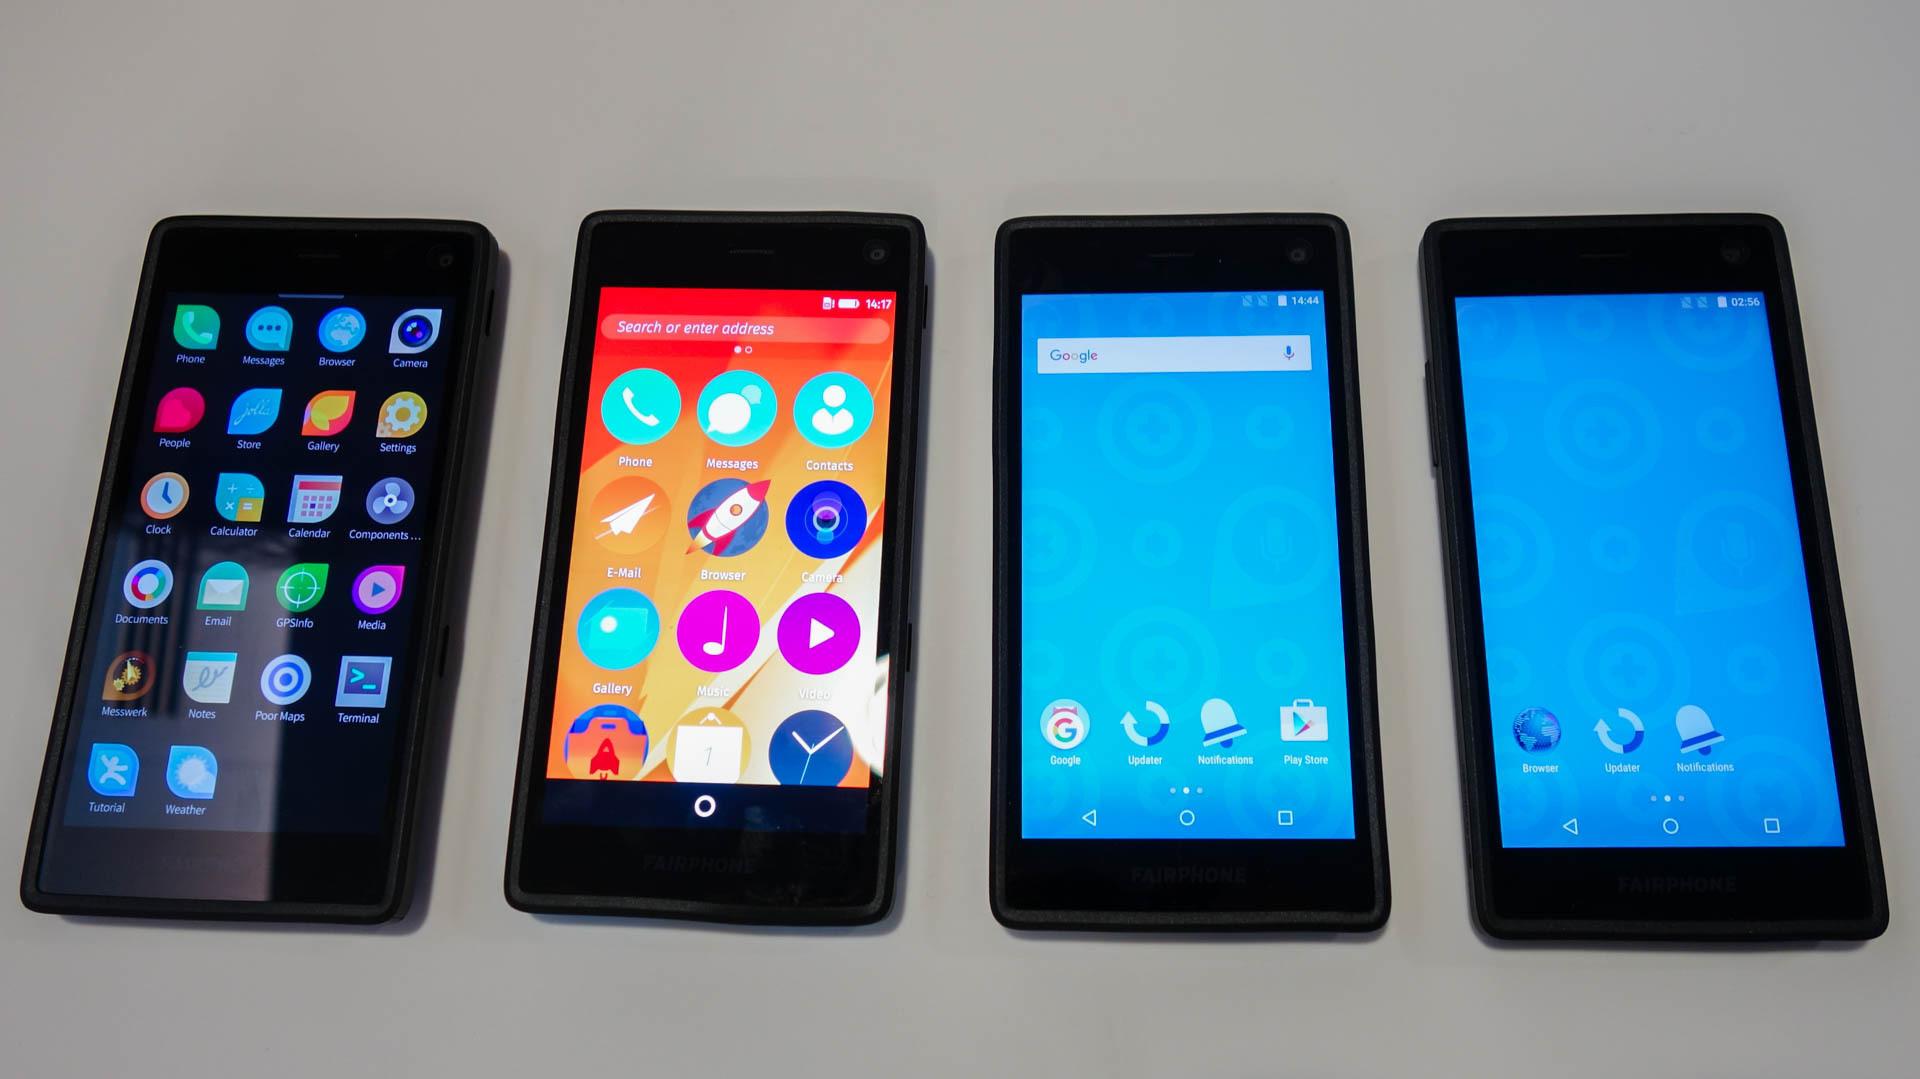 Preisvergleich Iphone C